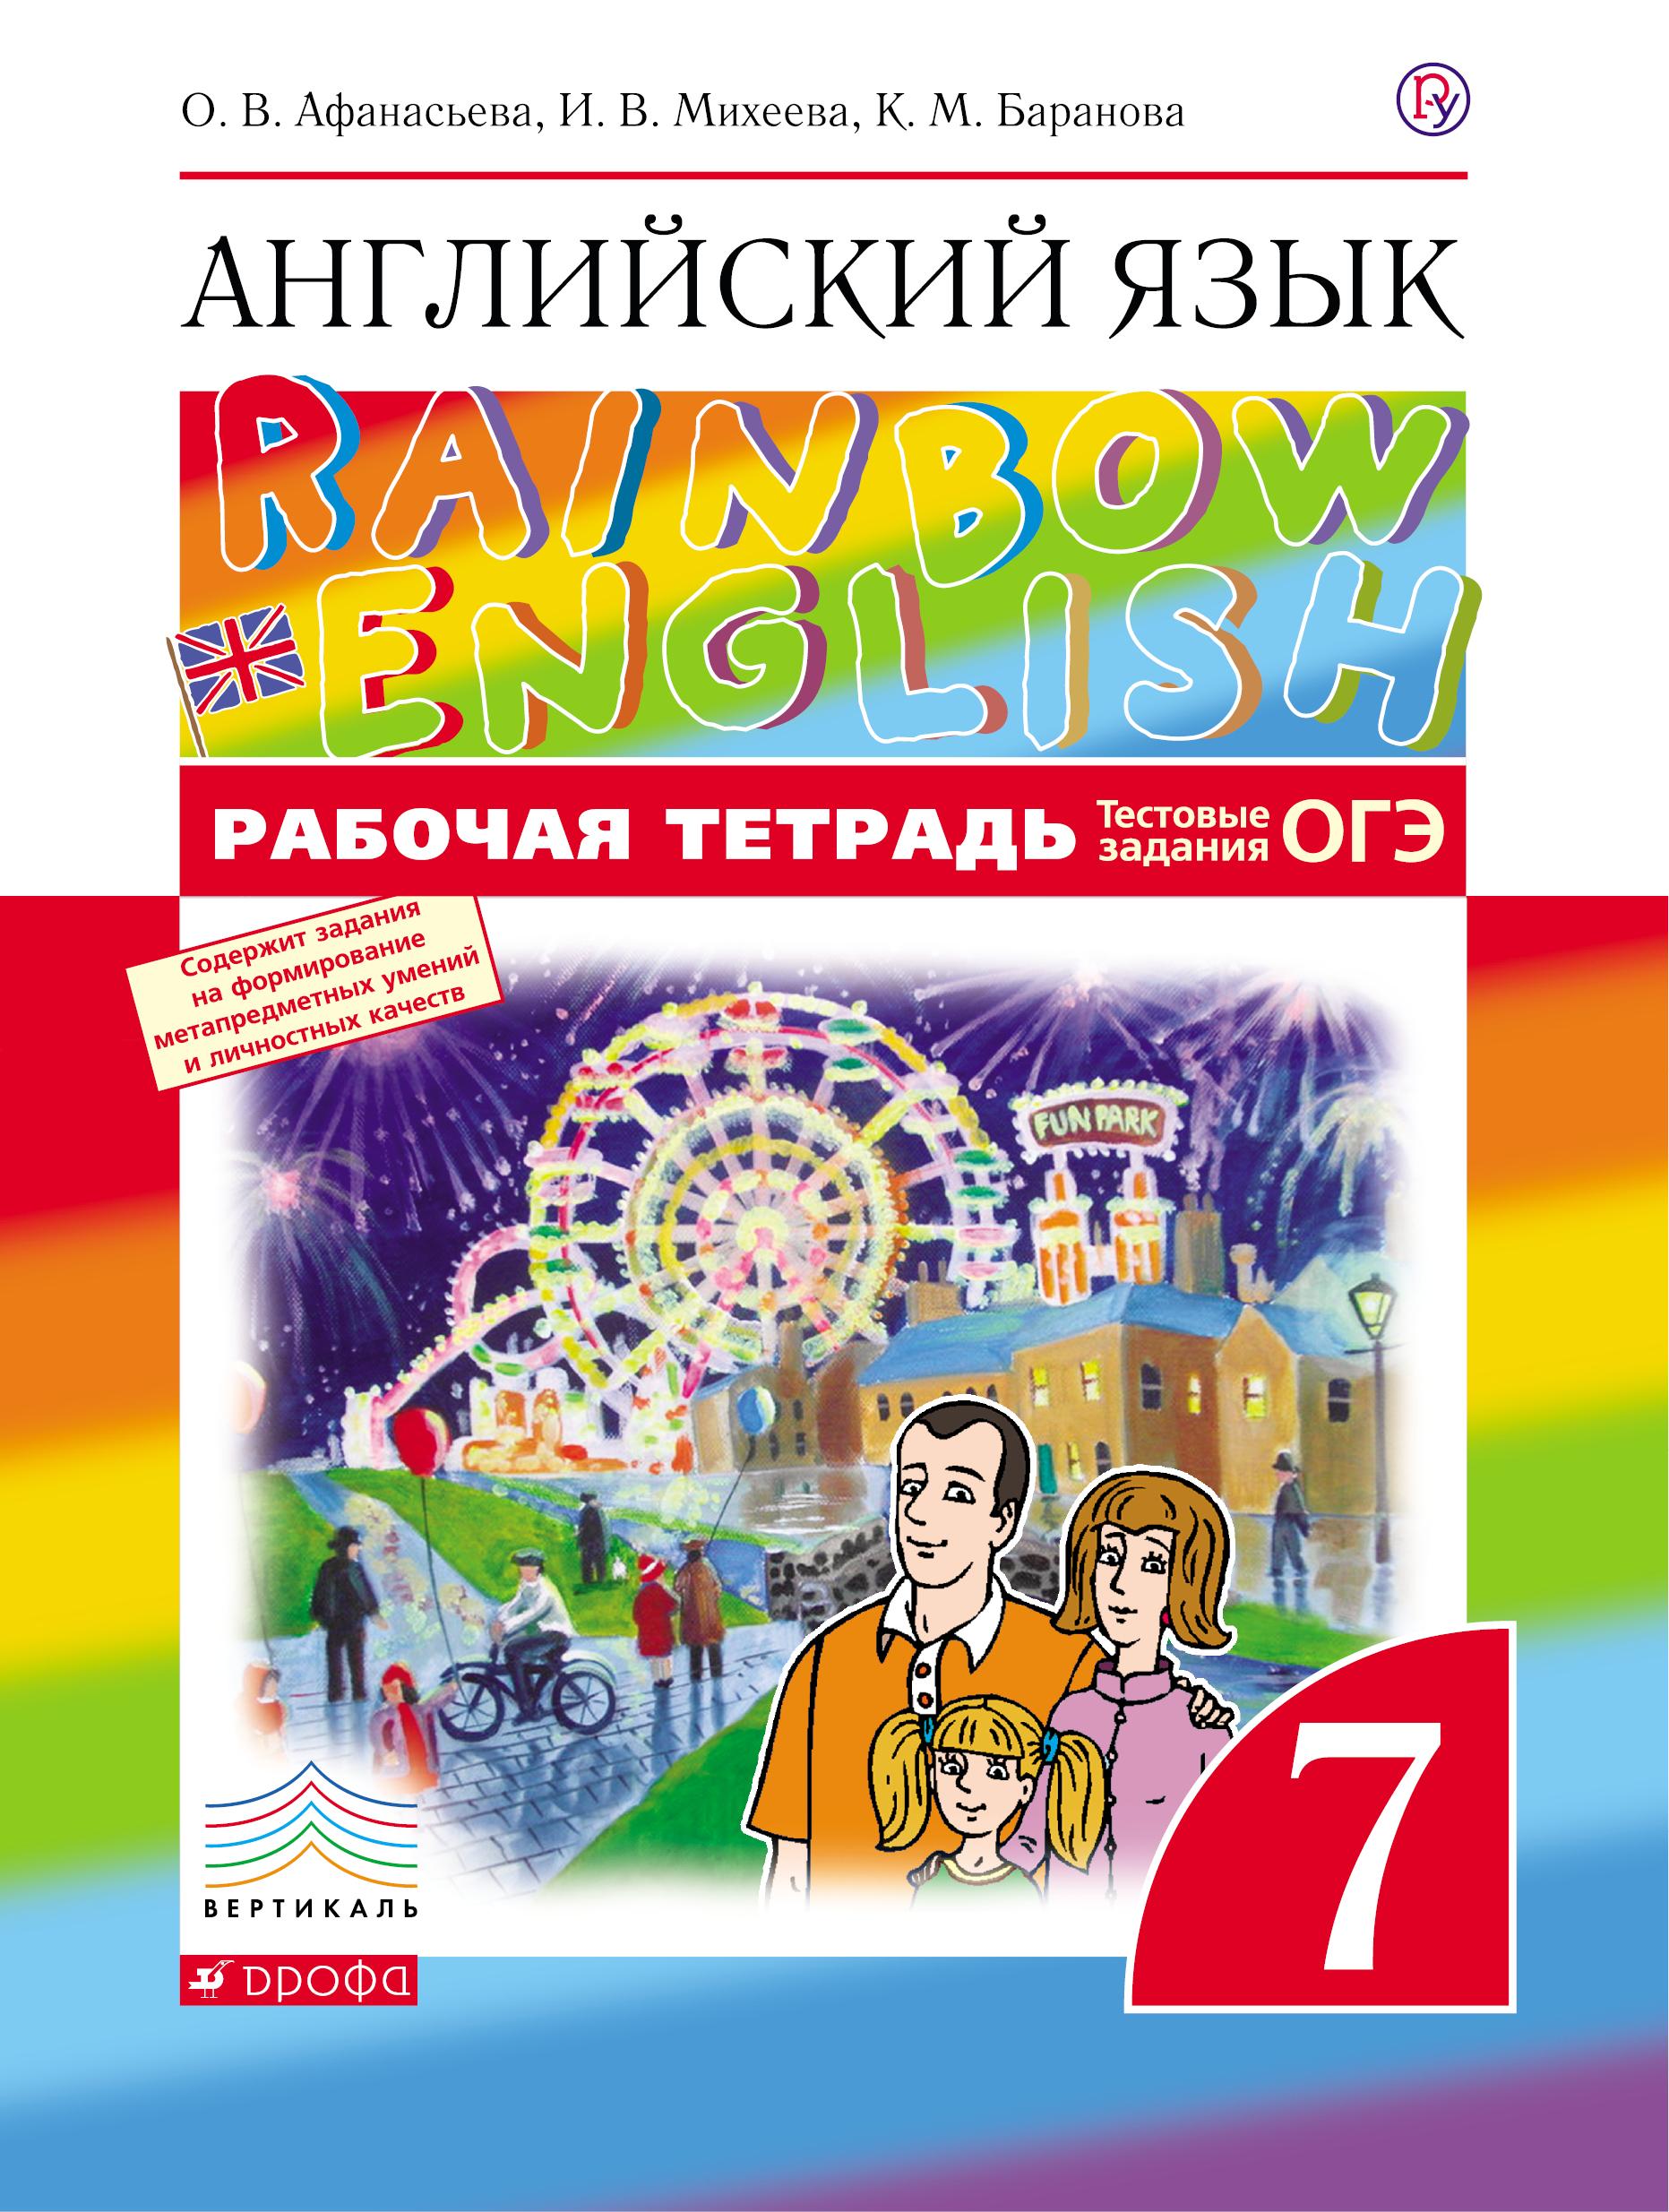 Решебник по английскаму языку 7 класс афанасьева